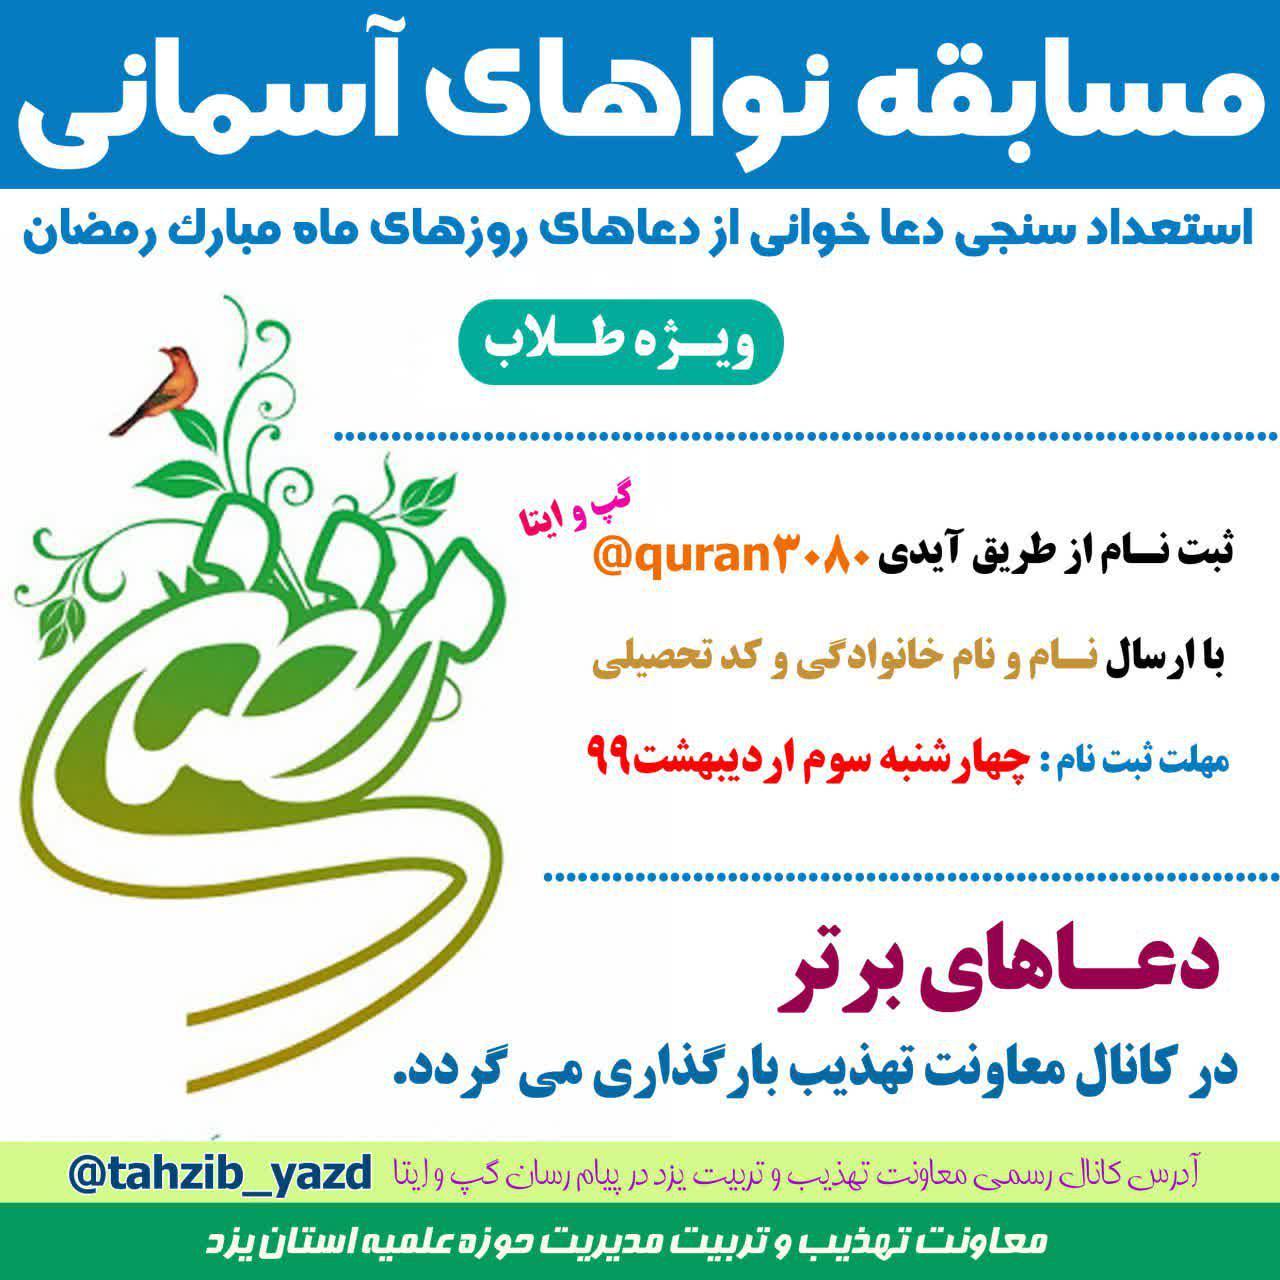 معاونت تهذیب حوزه علمیه استان یزد، مسابقه «نواهای آسمانی» را برگزار می کند.